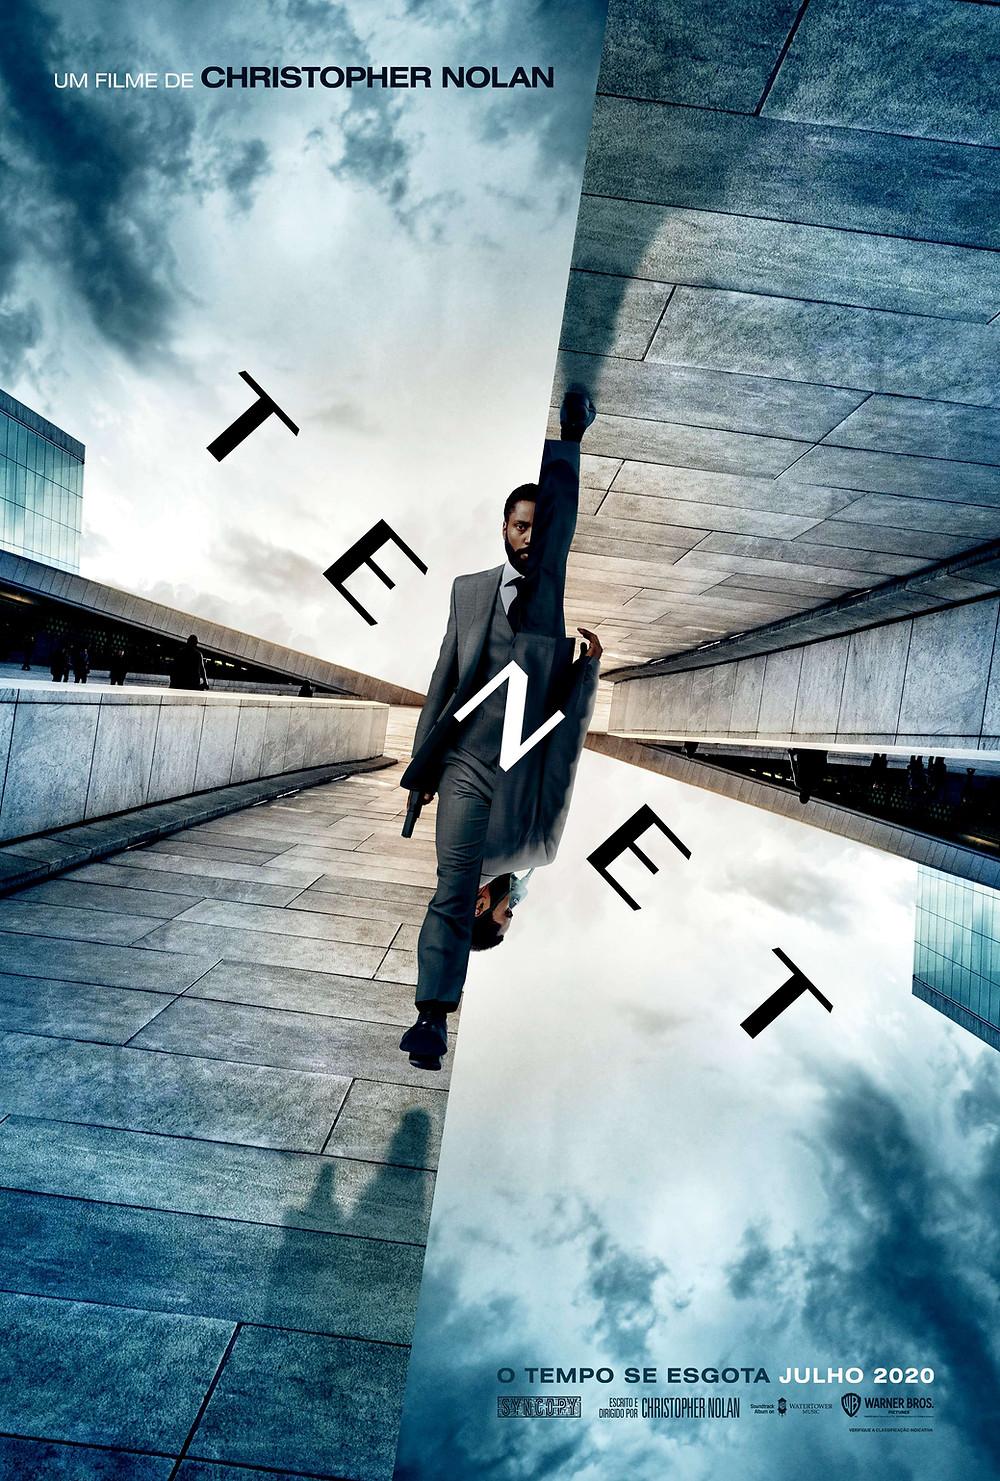 Tenet (2020) é o novo filme de Christopher Nolan